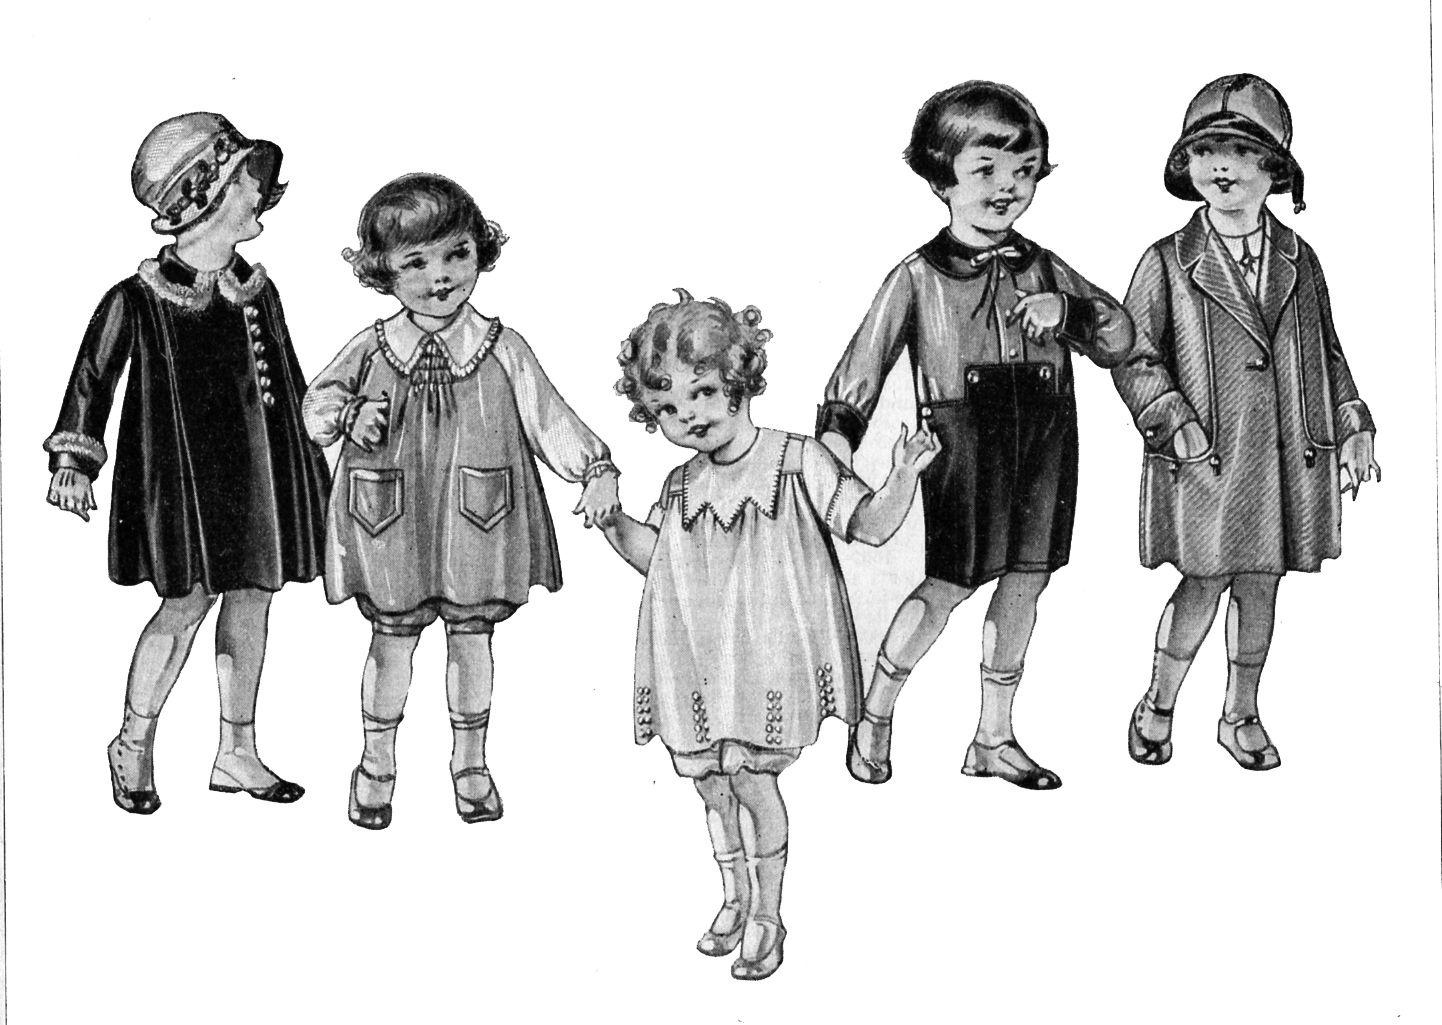 vintage illustrations of children